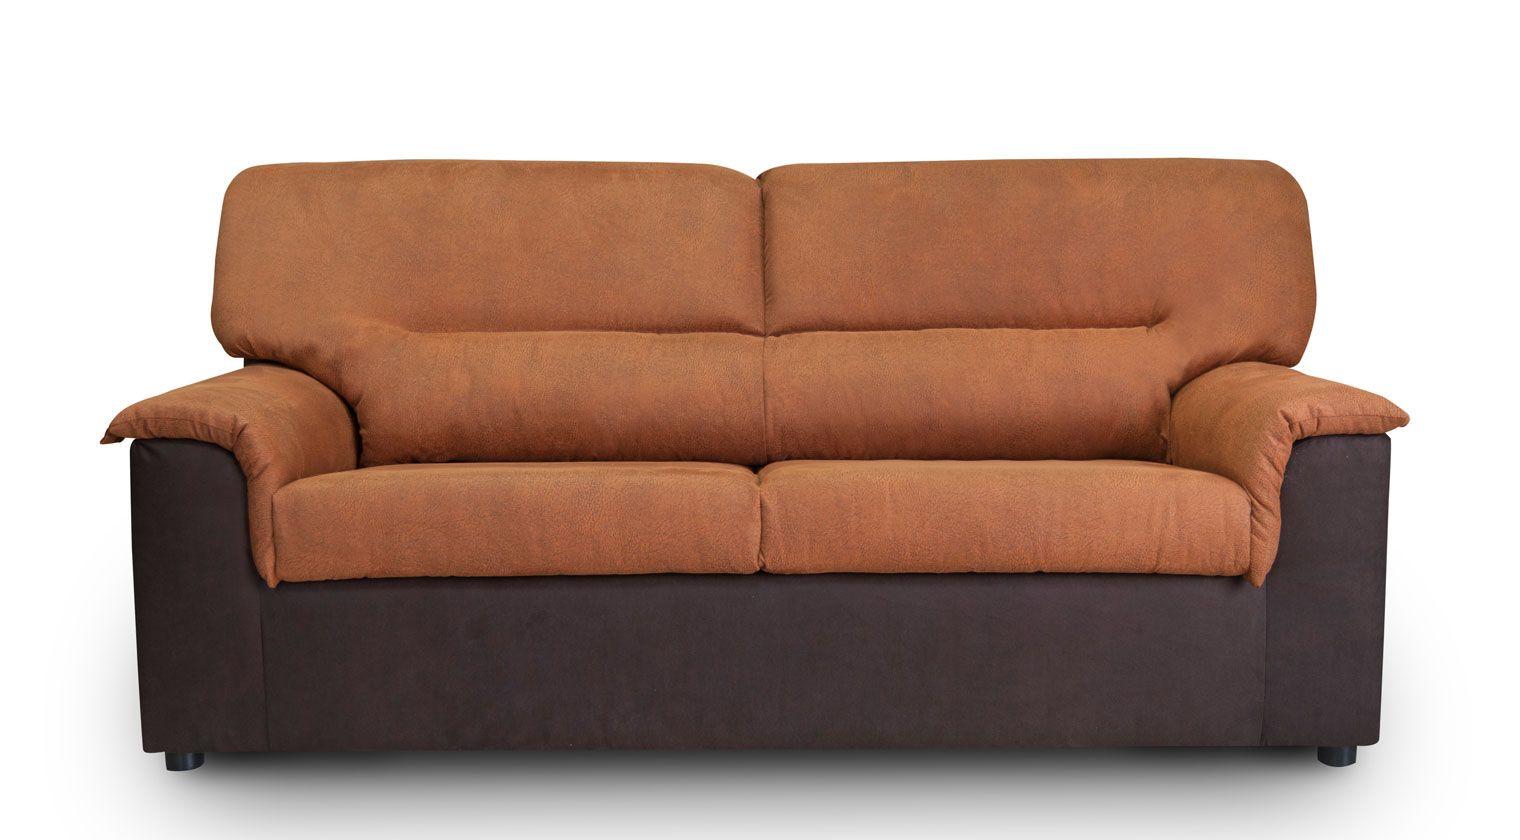 Sof belen sofas de tela - Telas para cubrir sofa ...